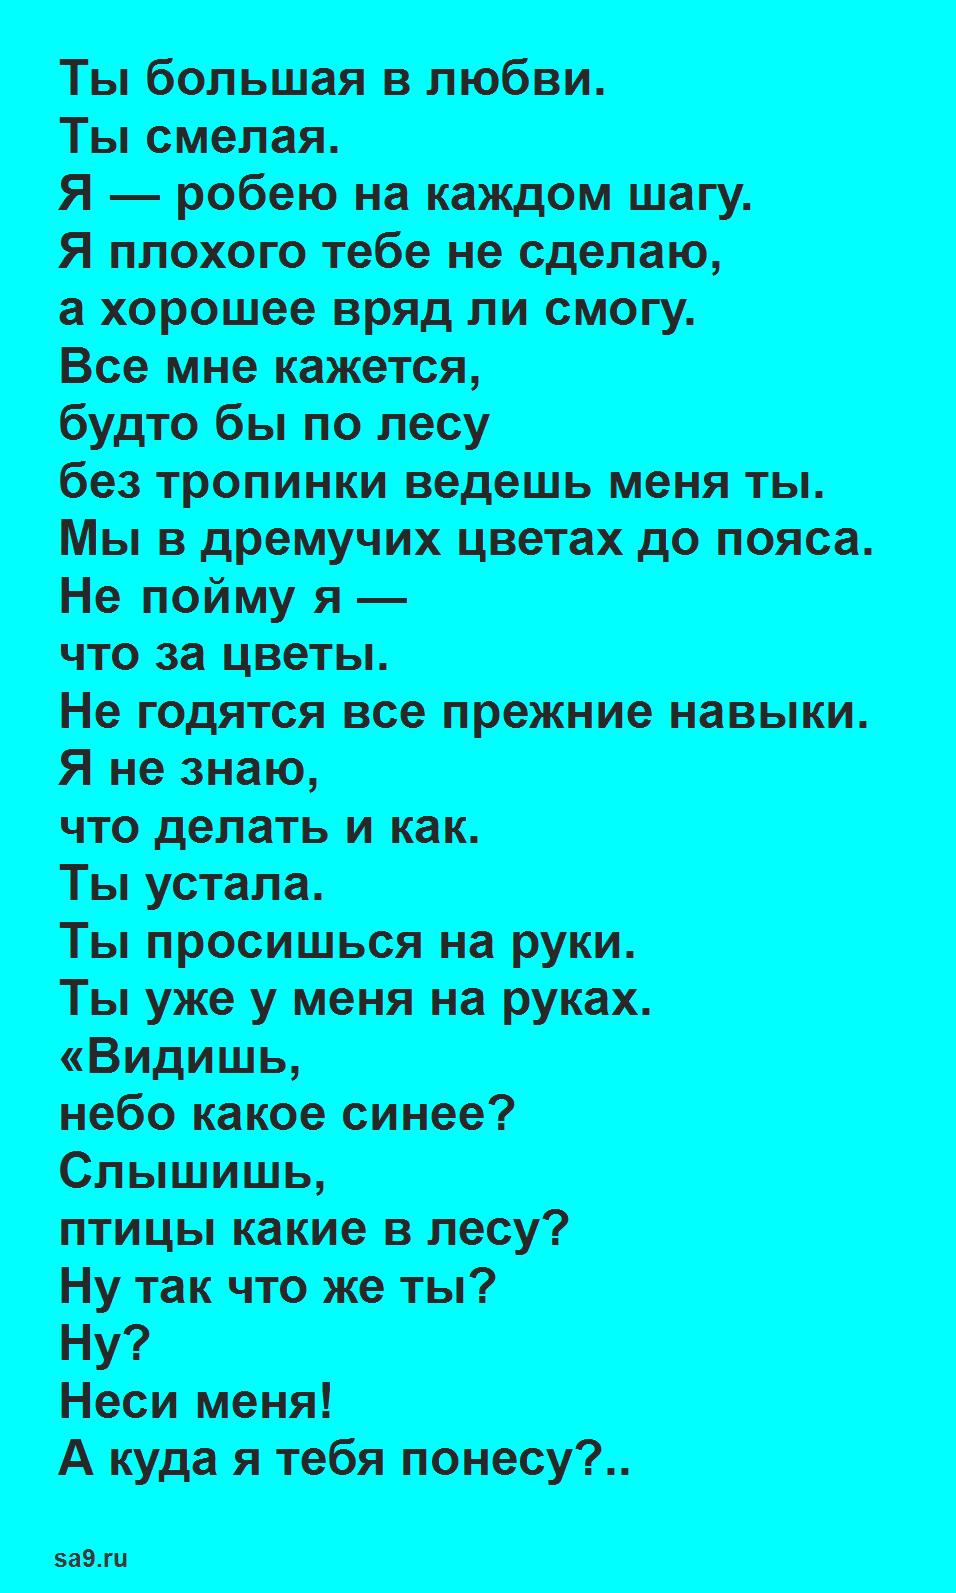 Евтушенко стихи о любви - Ты большая в любви